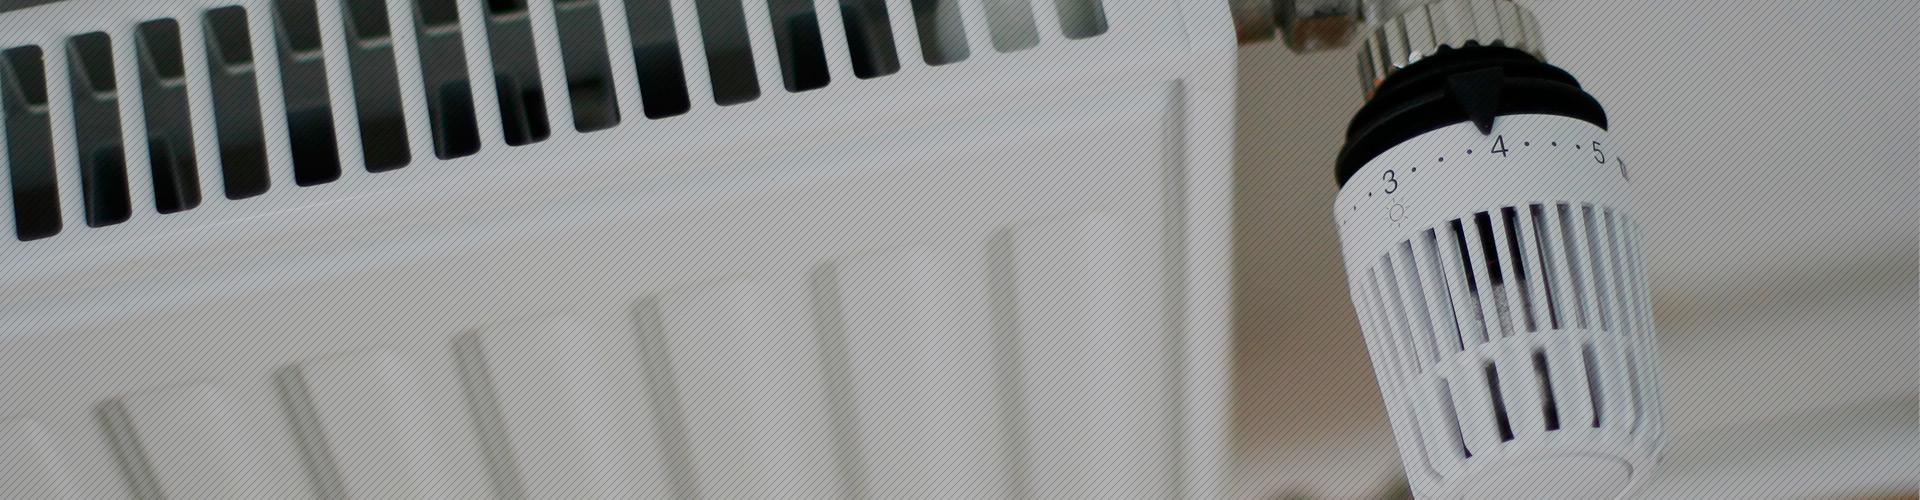 Instalaciones de Calefacción y ACS